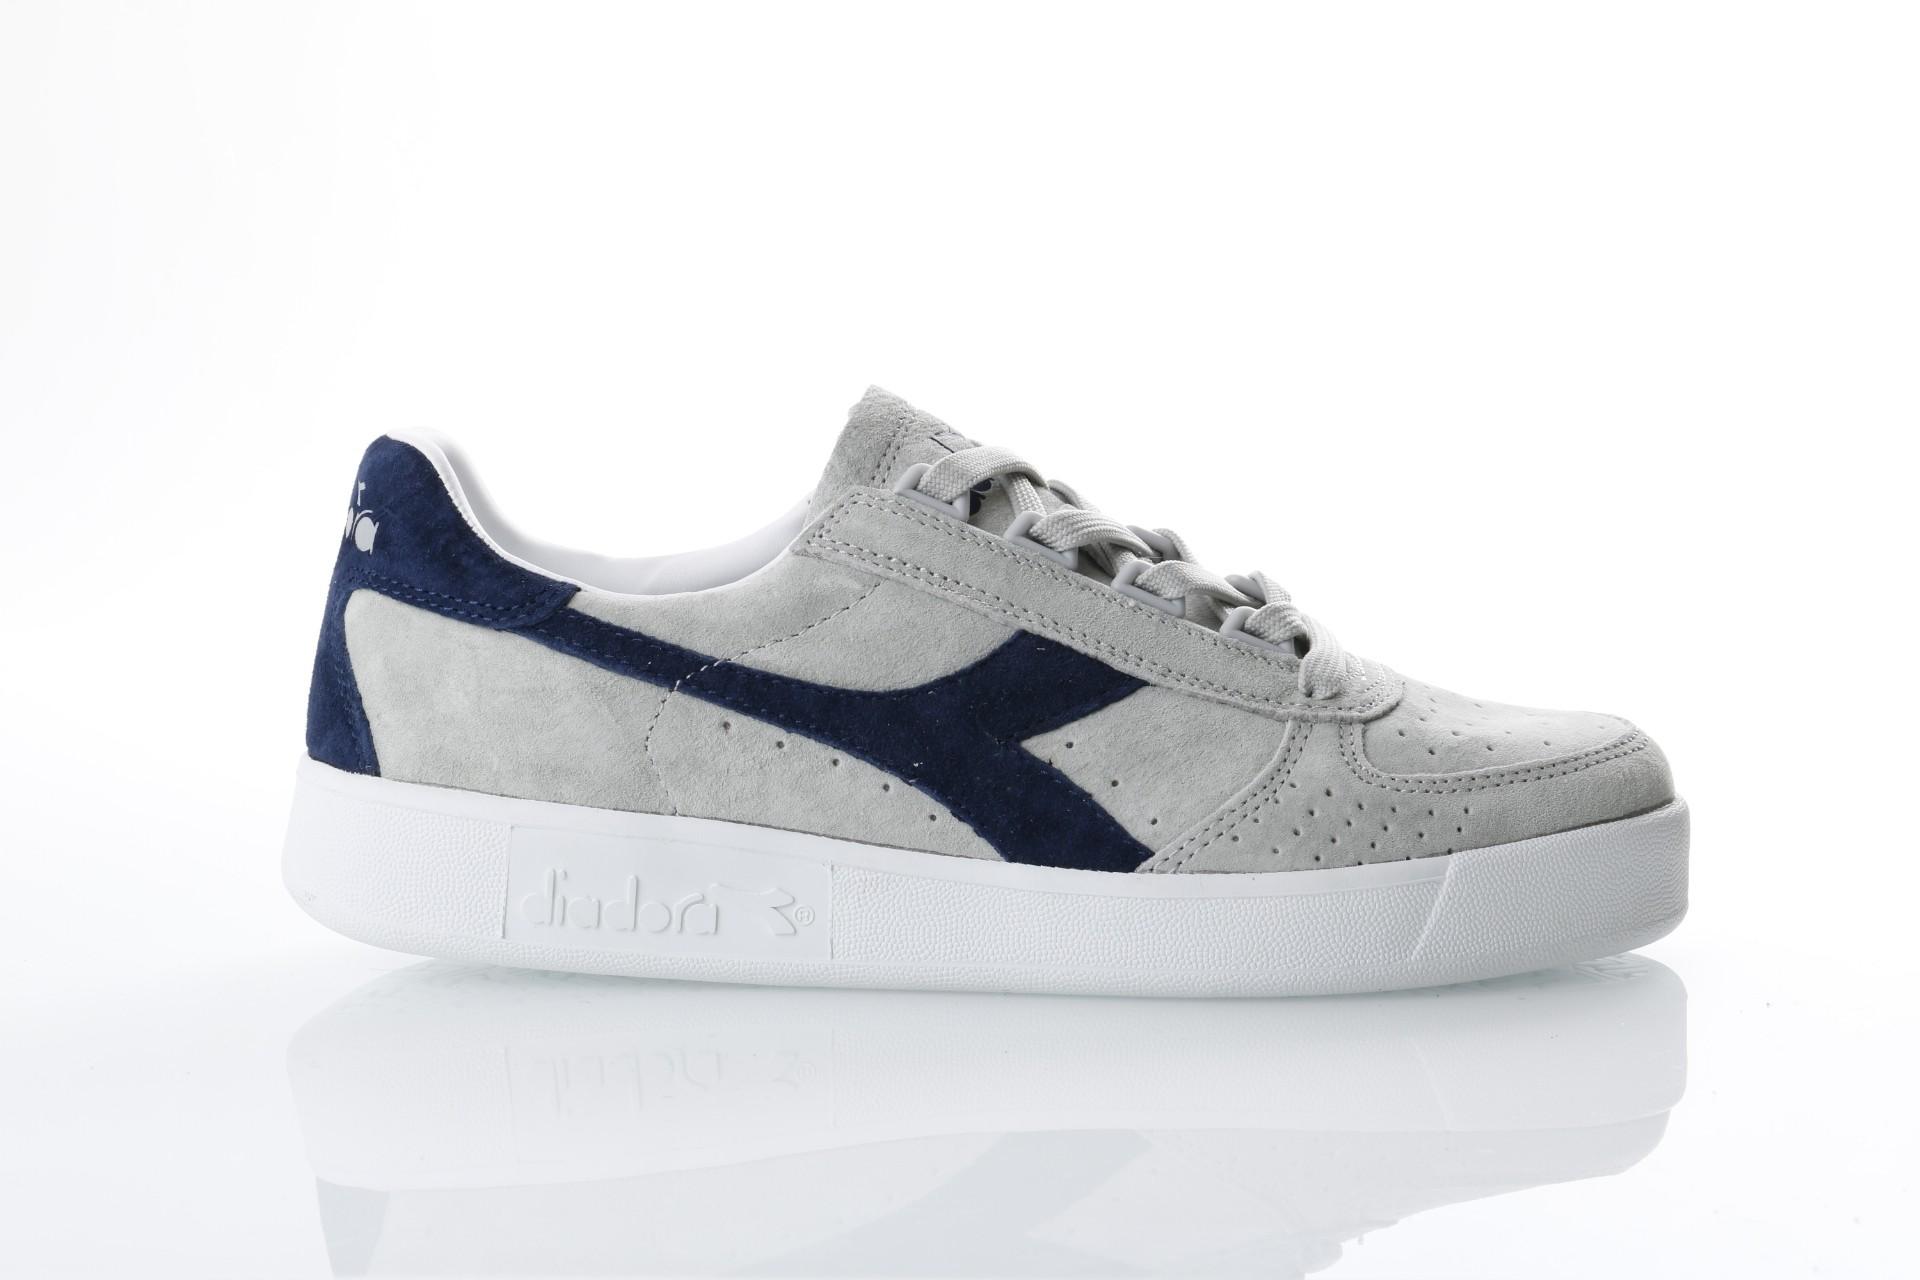 Foto van Diadora 501.173.089-C7378 Sneakers B elite nub Grijs